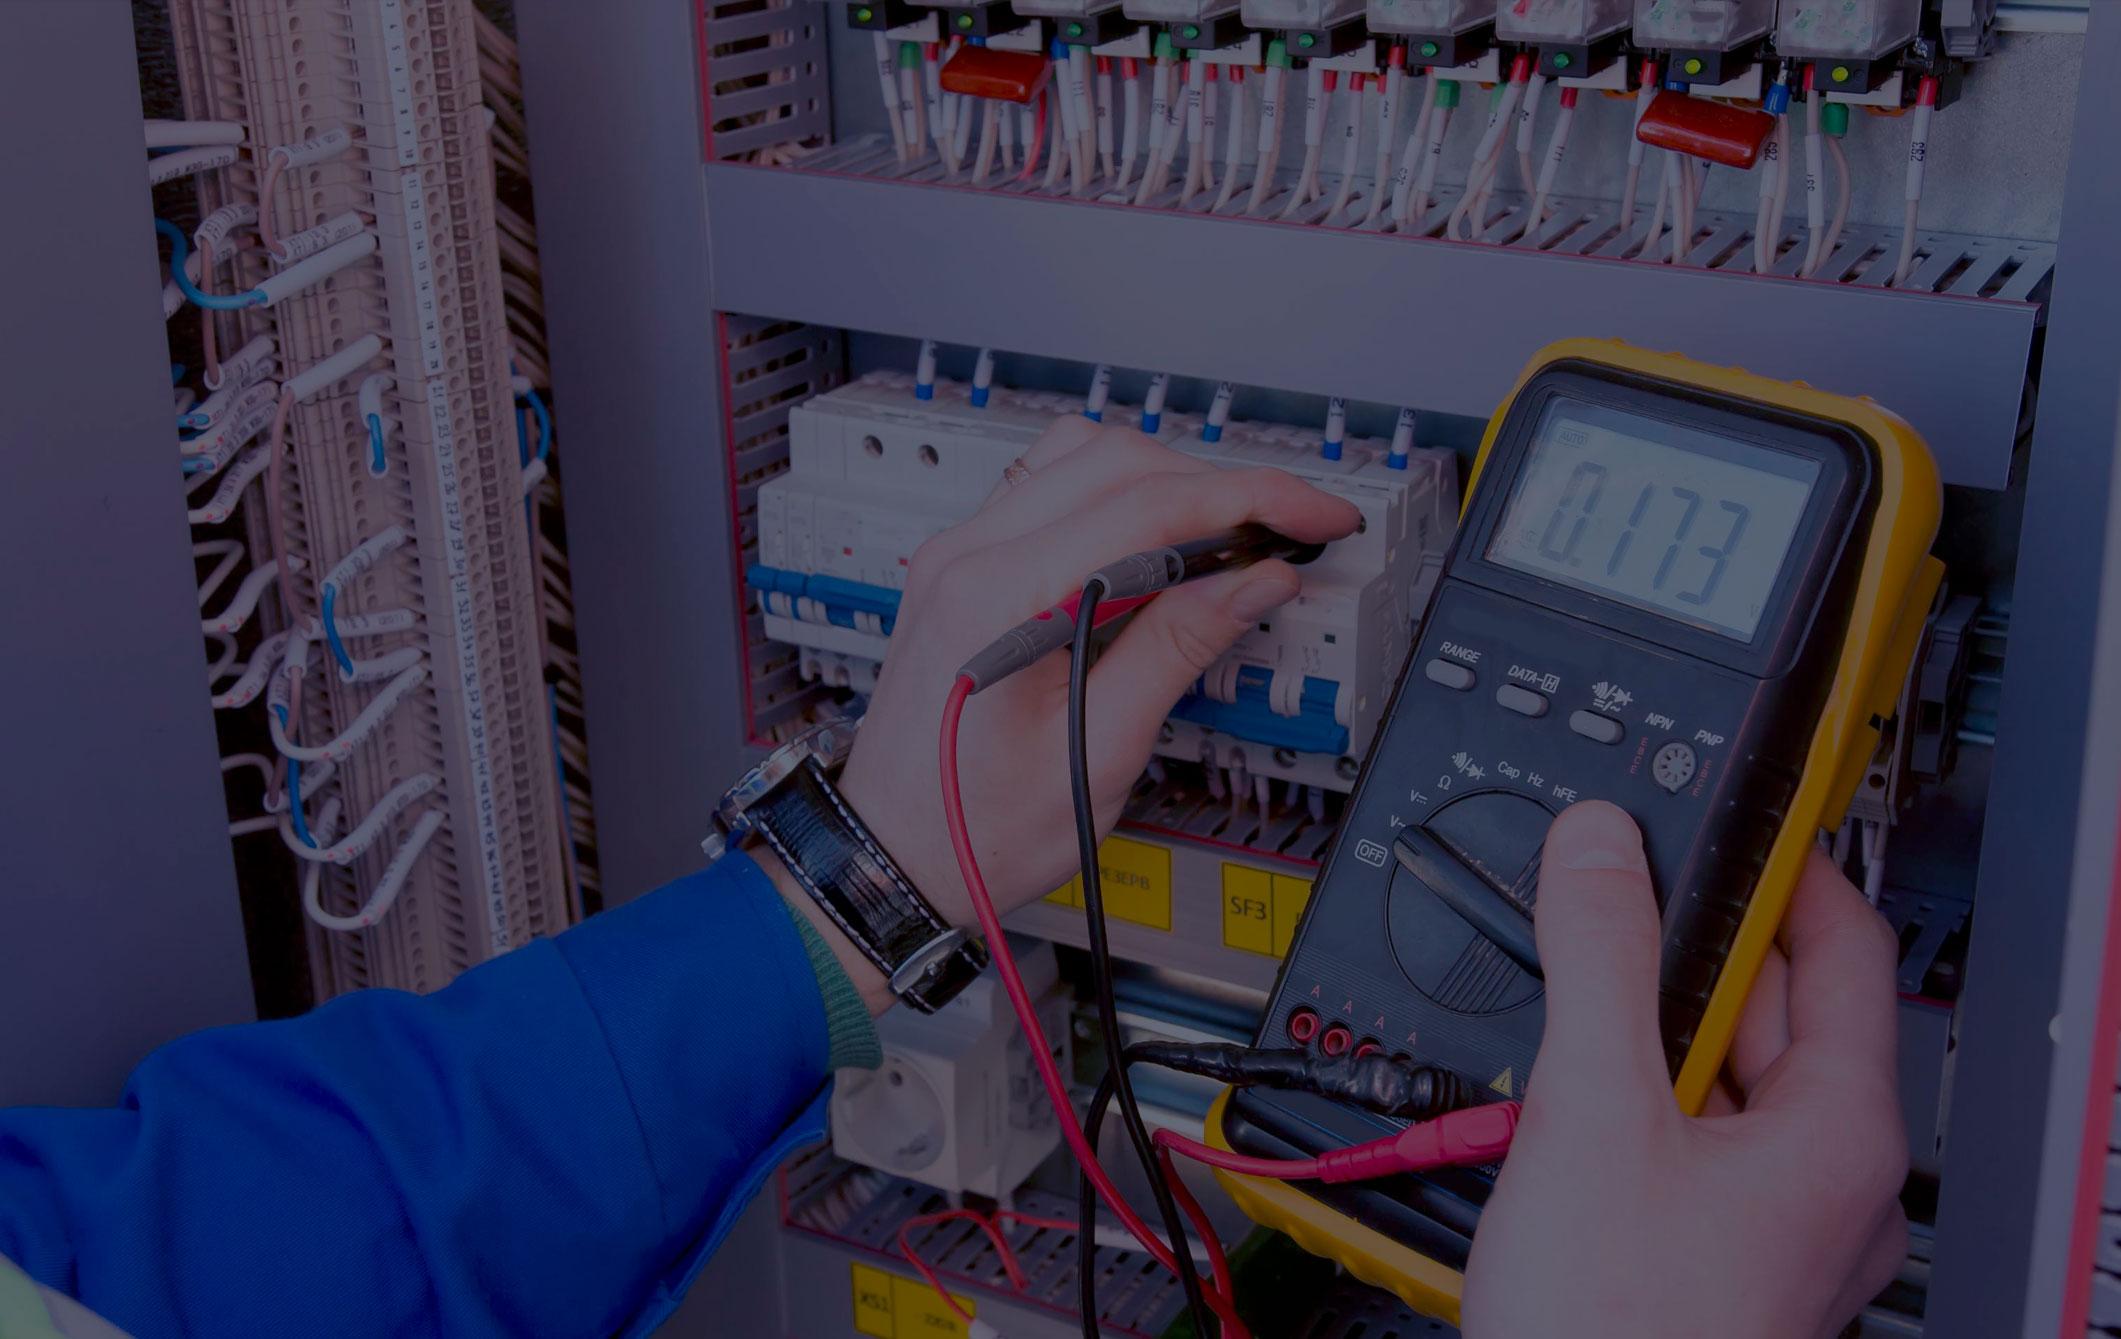 Дистанционные курсы обучение Испытание оборудования повышенным напряжением, обслуживание устройств РЗиА